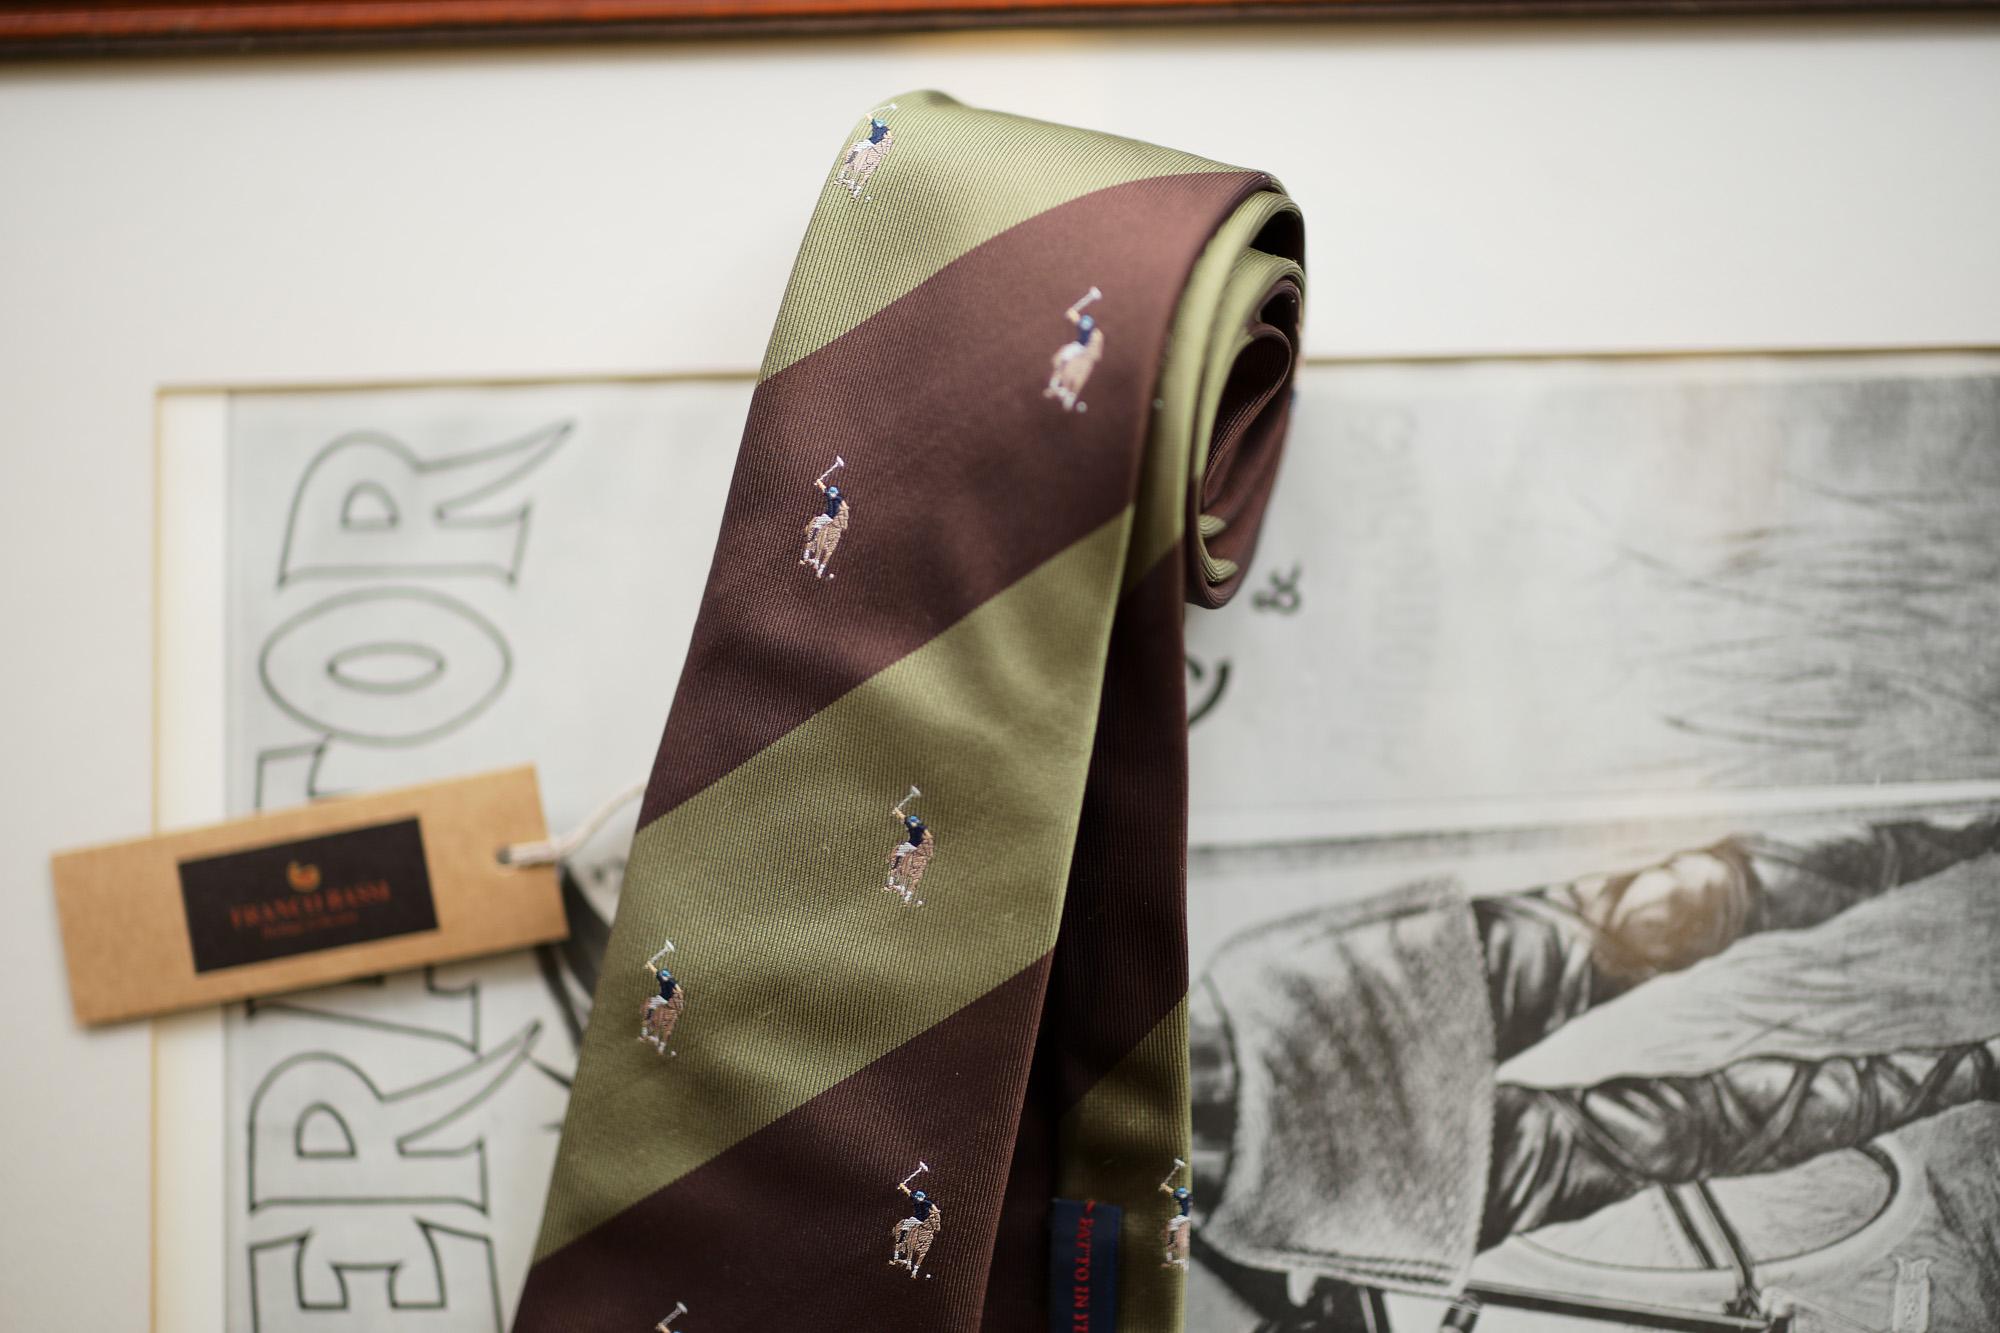 FRANCO BASSI (フランコバッシ) STRIPE TIE (ストライプタイ) シルク ジャガード ストライプ ネクタイ BROWN×SAGE (ブラウン×セージ・5) Made in italy (イタリア製) 2019 春夏新作 francobassi フランコバッシ 愛知 名古屋 altoediritto アルトエデリット タイ ネクタイ